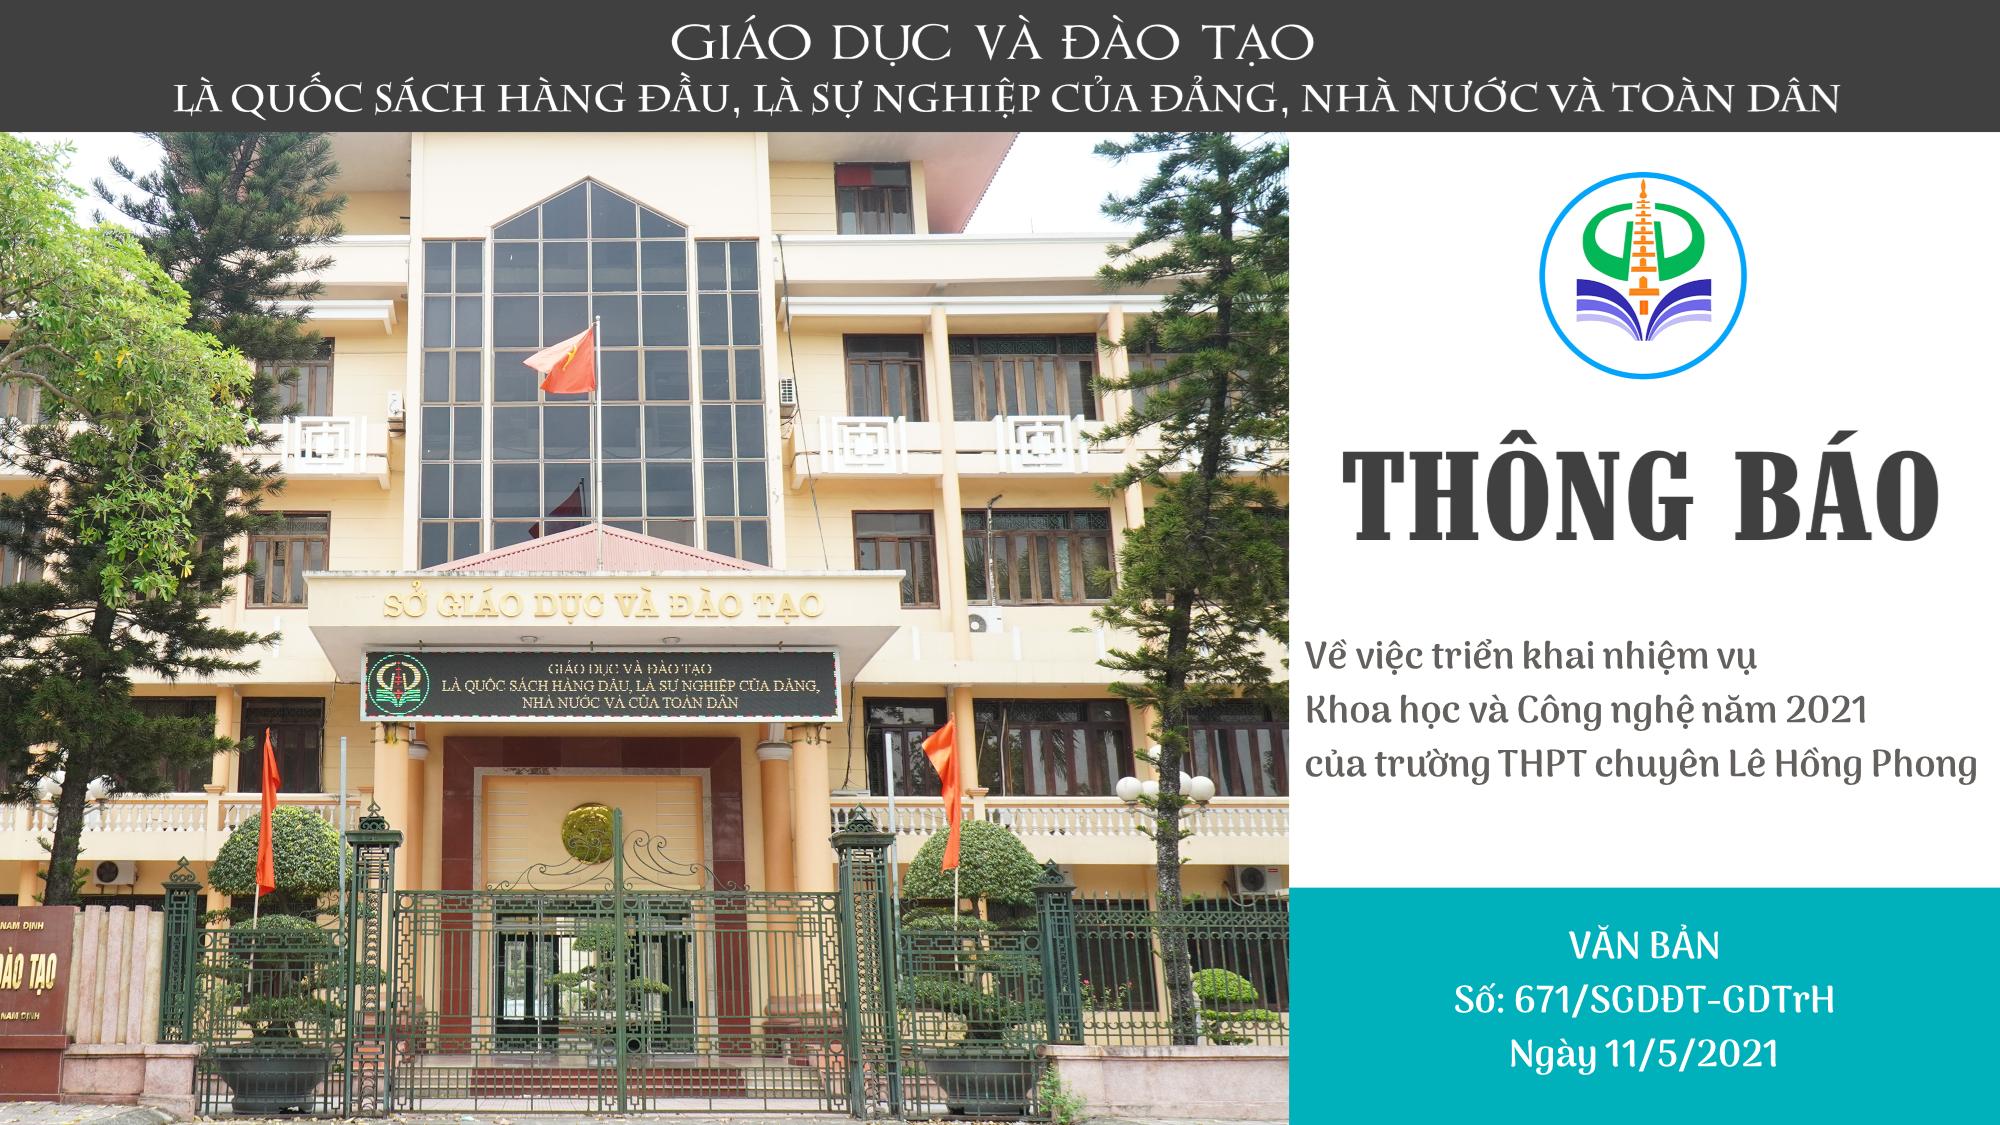 Về việc triển khai nhiệm vụ  Khoa học và Công nghệ năm 2021 của trường THPT chuyên Lê Hồng Phong